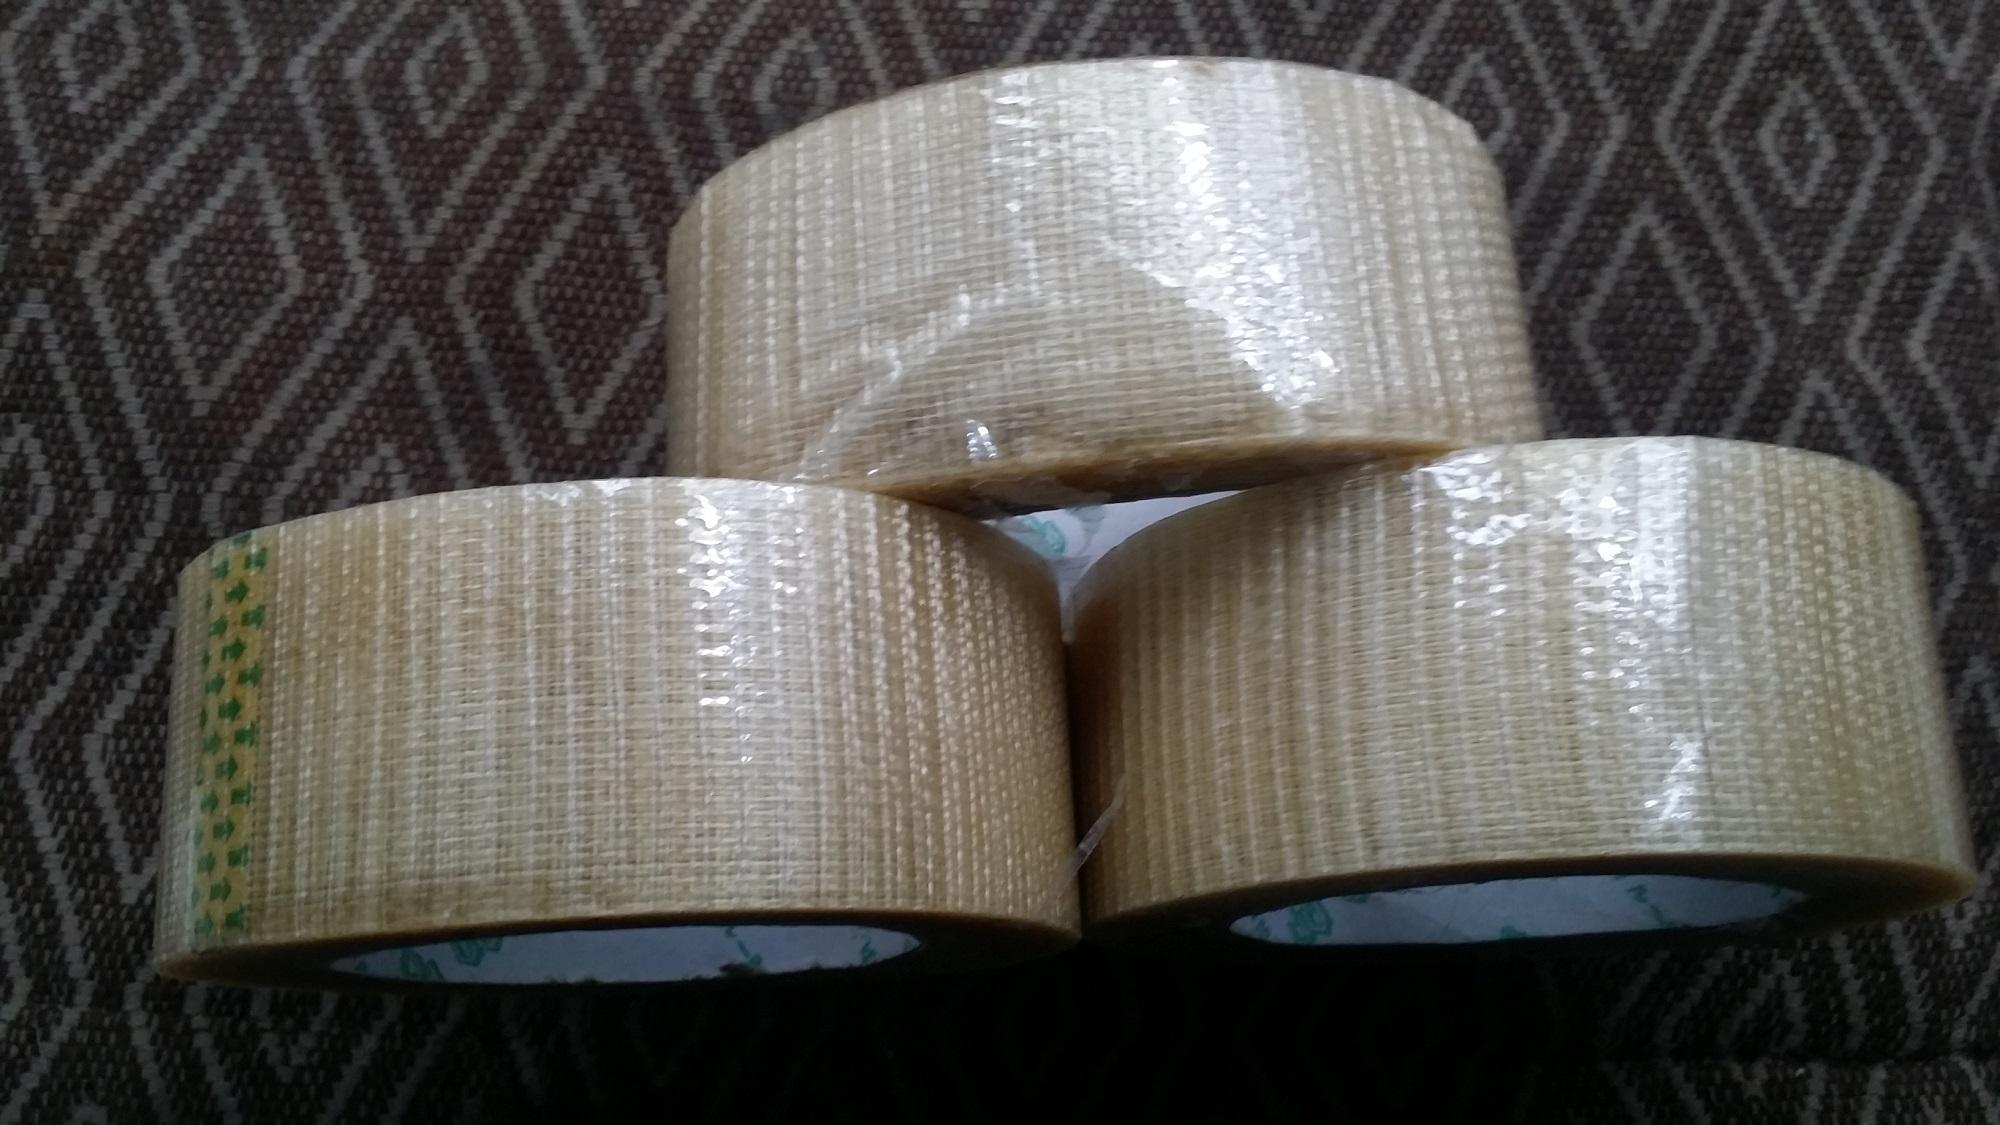 COMBO 3 CUỘN BĂNG DÍNH  BĂNG KEO SỢI THỦY TINH 48x35x0.18mm HÀN QUỐC